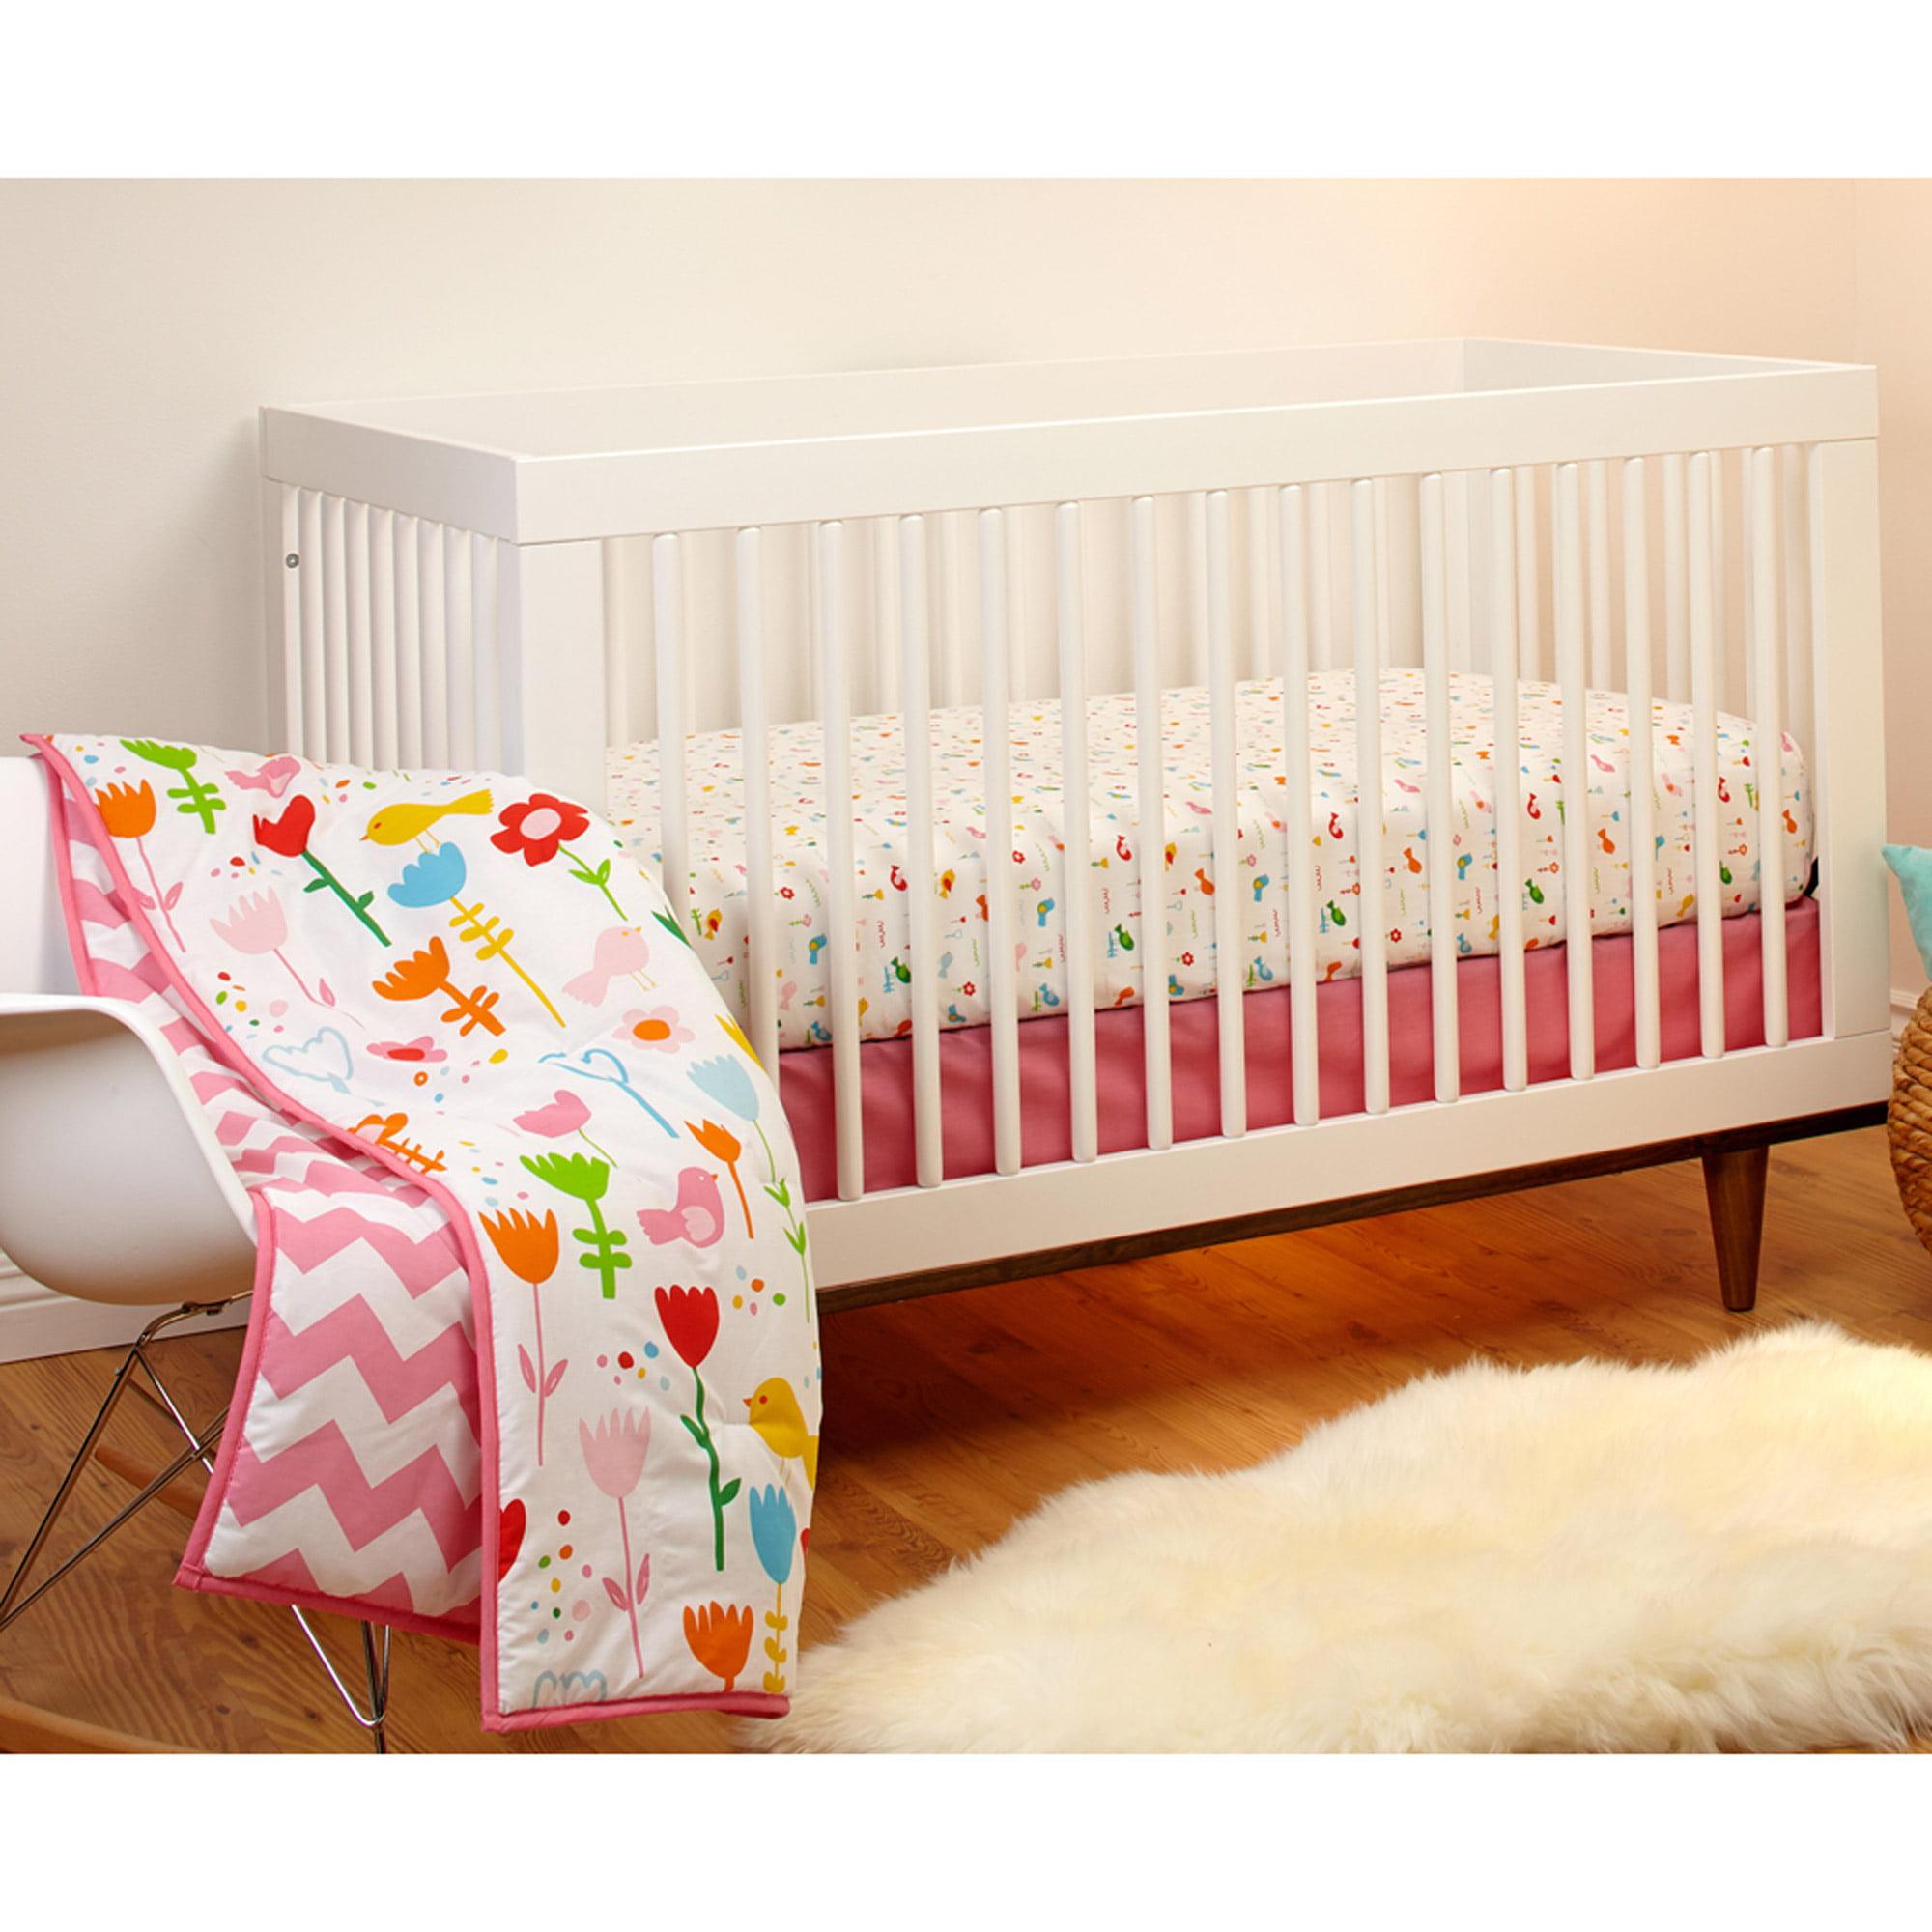 Little Bedding by Nojo by Little Bedding by Nojo Reversible Sweet Tweet/Pink Chevron Print 3-Piece Crib Bedding Set